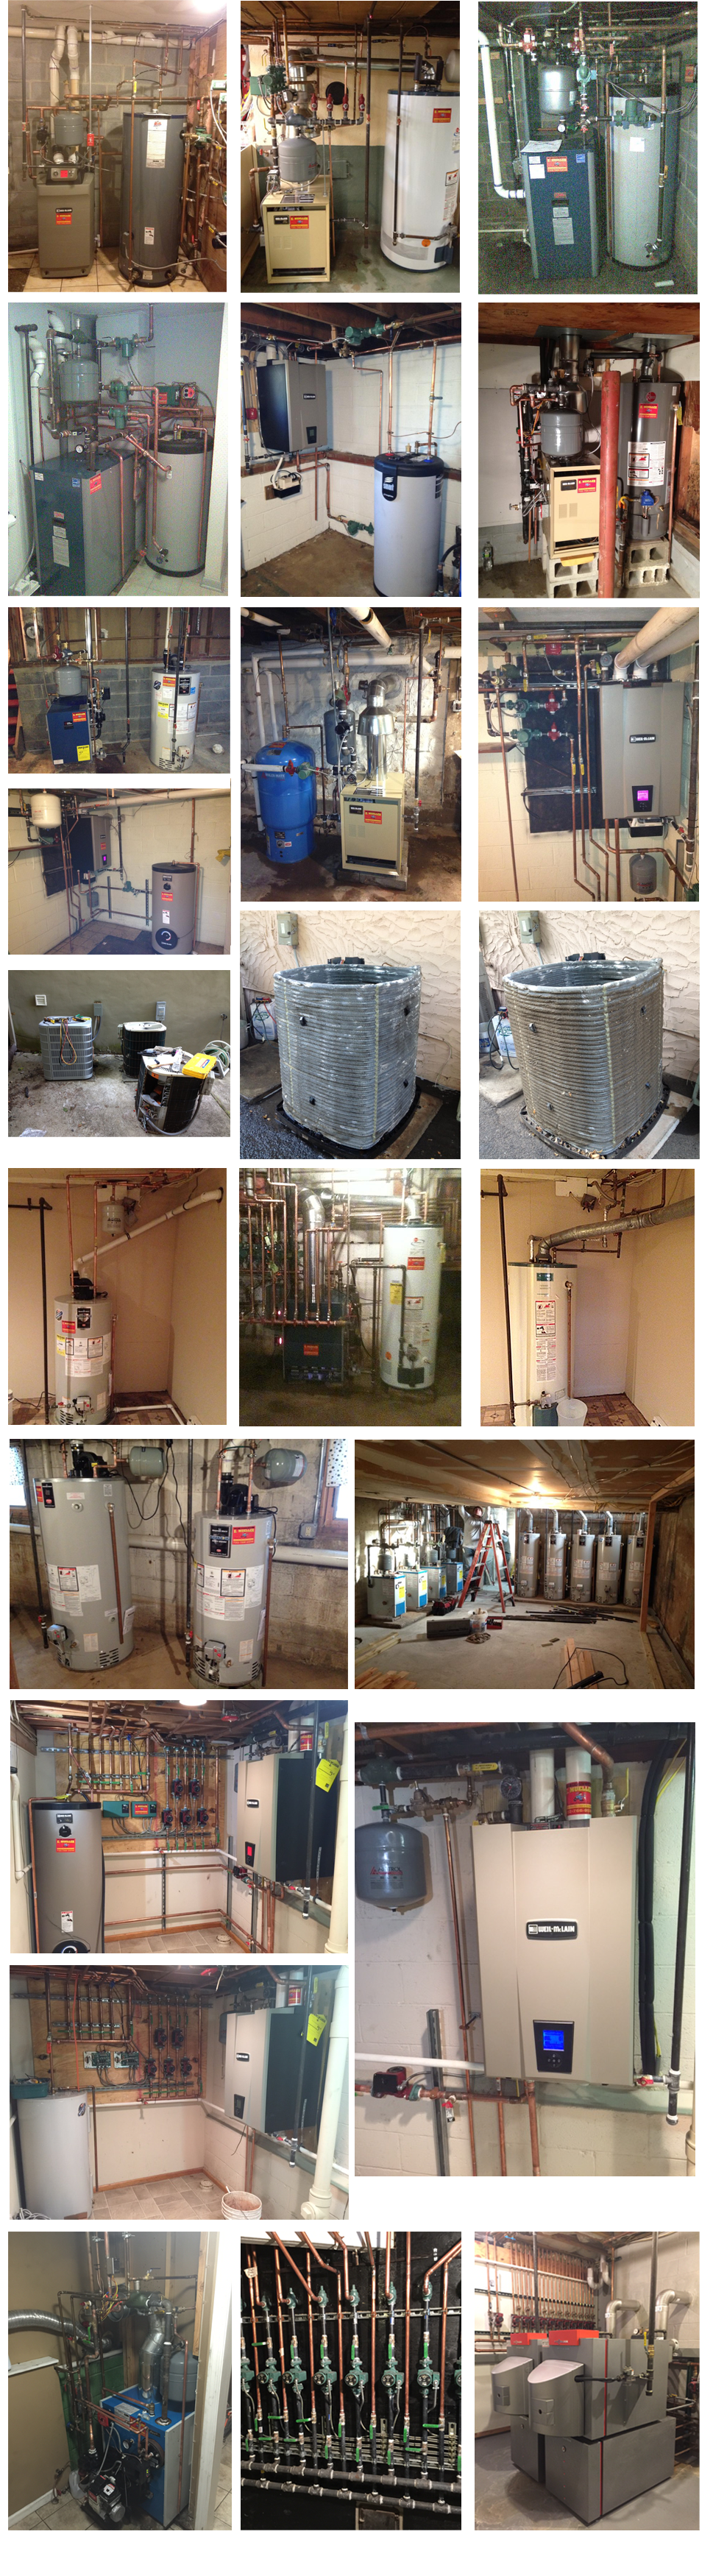 Plumbing   Warren, NJ   E. Mueller Plumbing & Heating